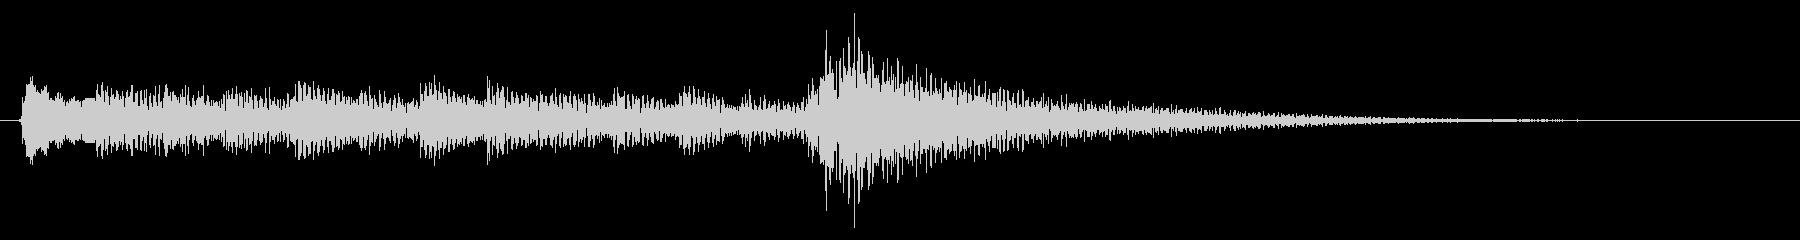 ★アコギ生音のジングル/おしゃれ5の未再生の波形